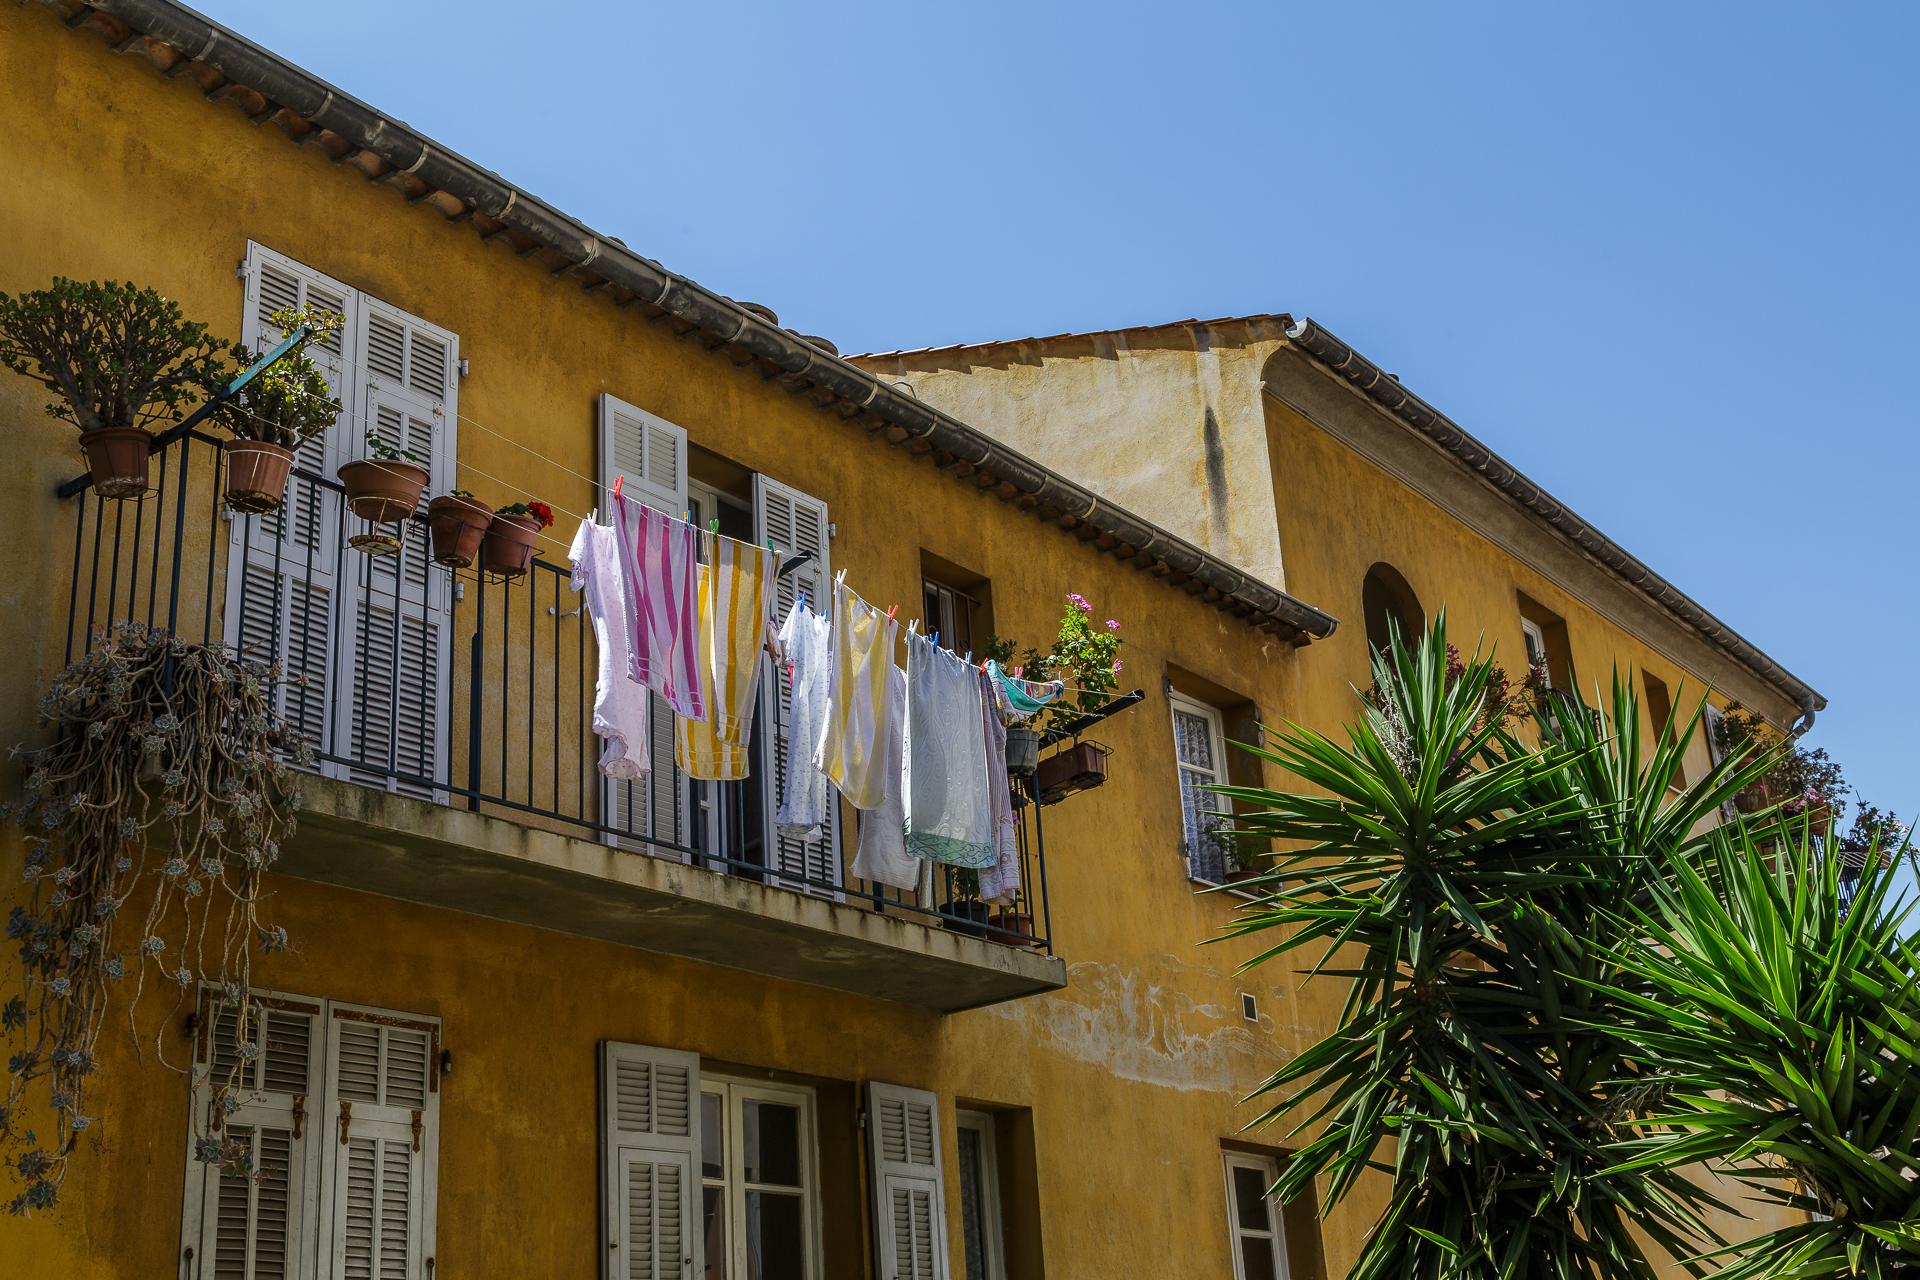 Nizza-Altstadt